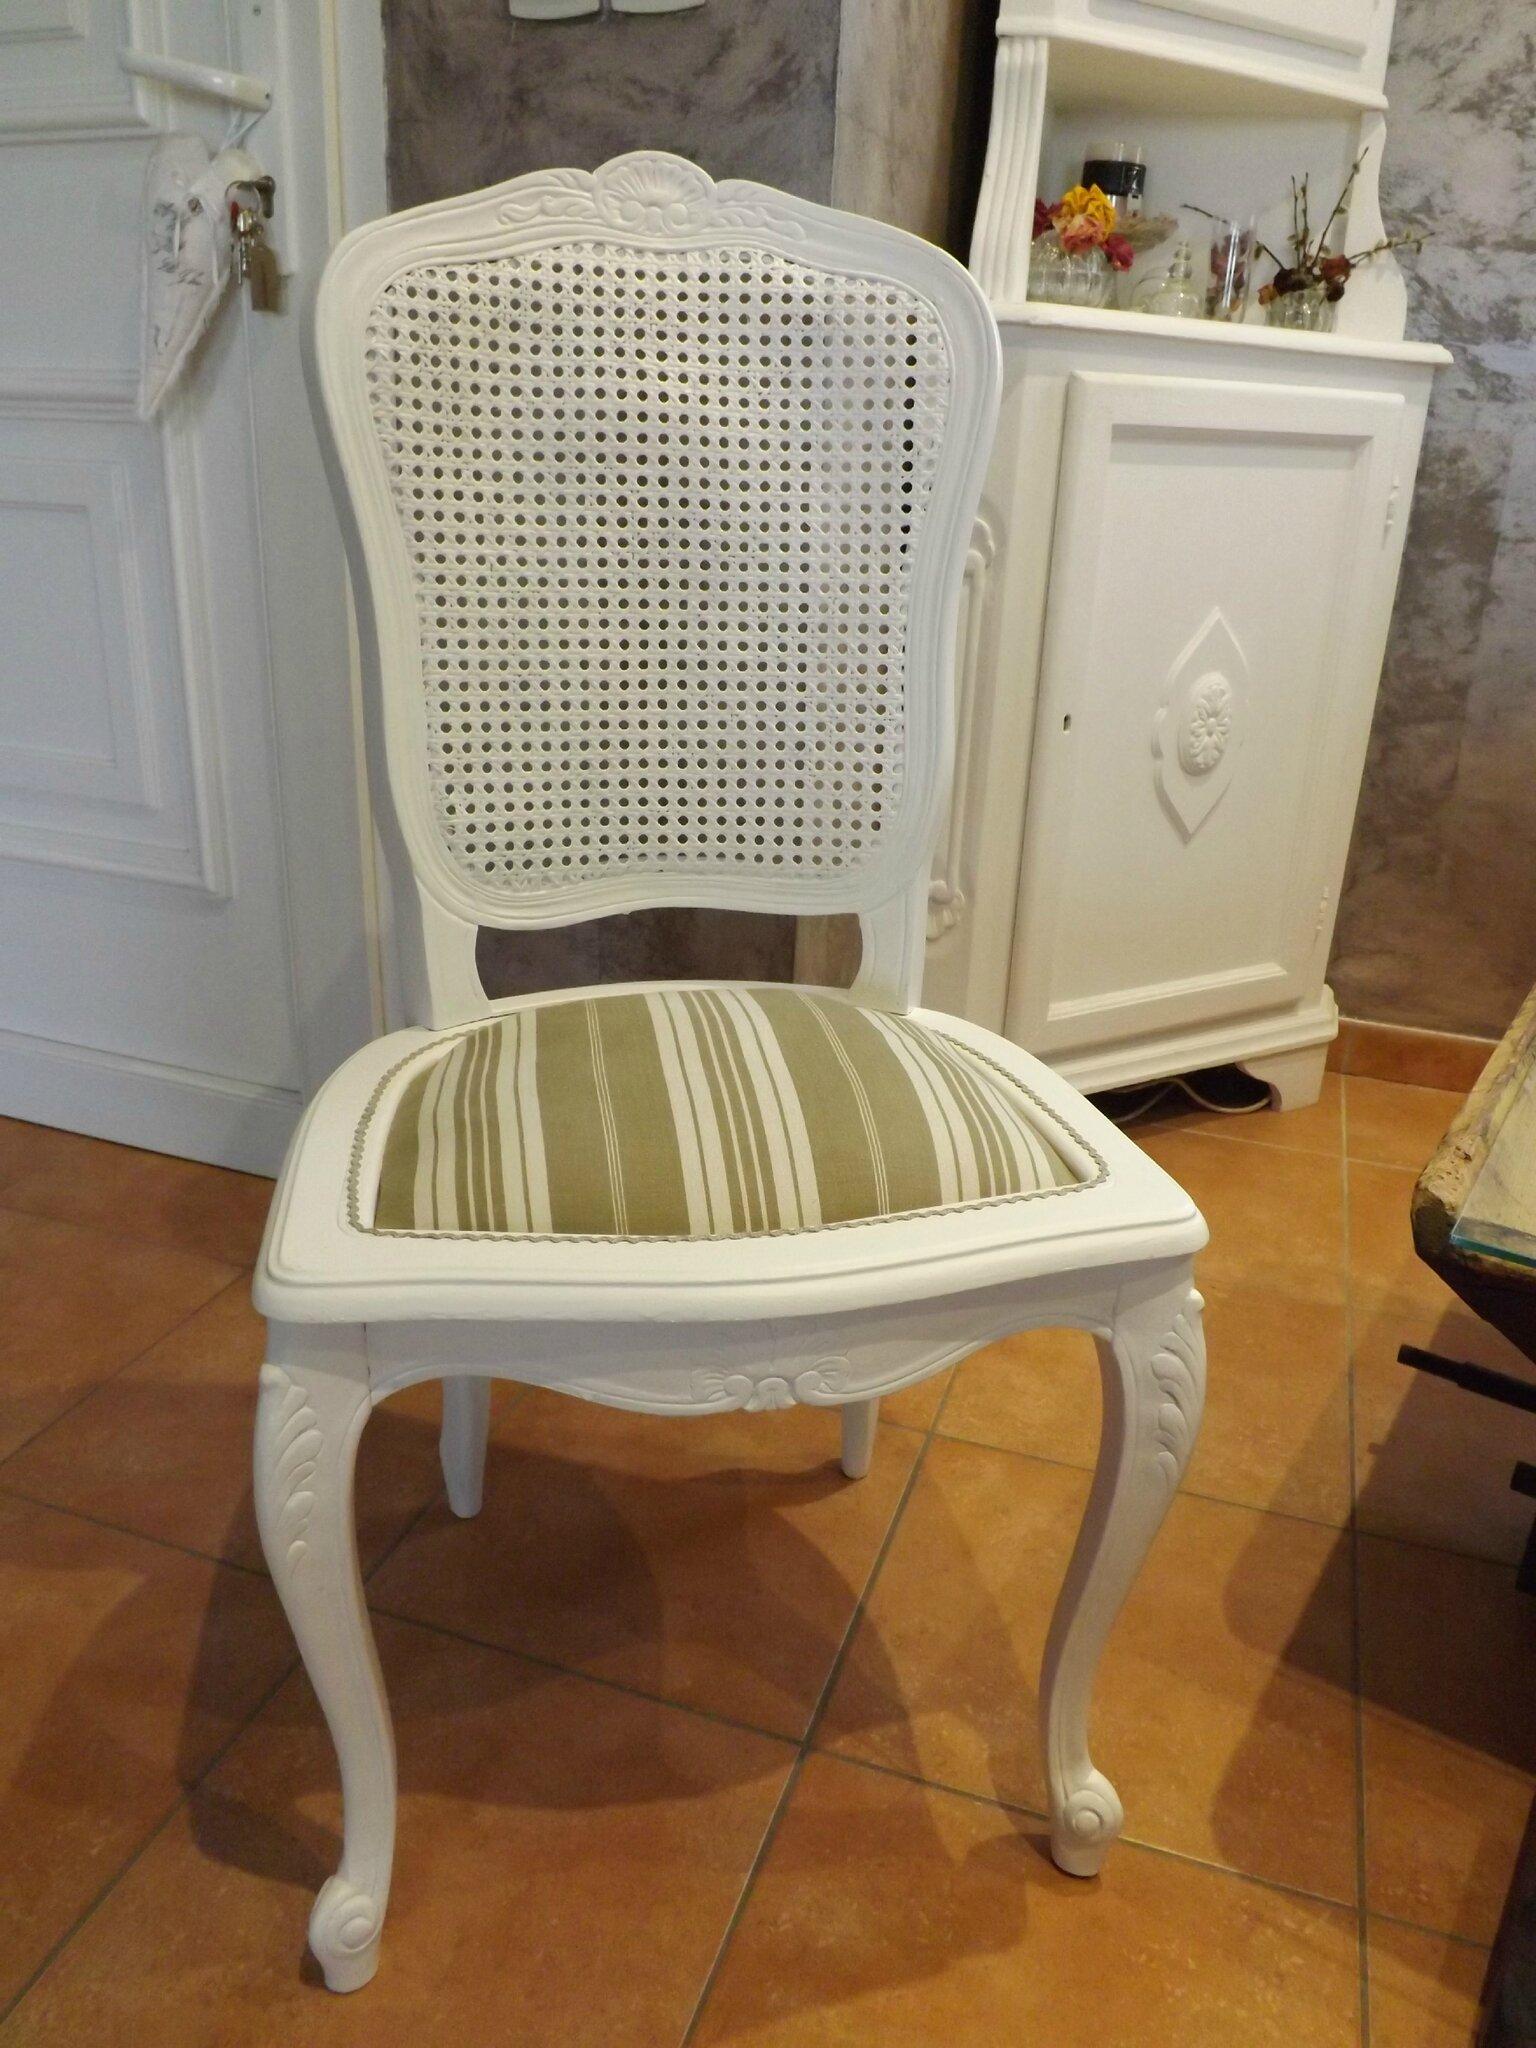 Relooking de meubles page 2 calinquette - Refaire assise chaise ...